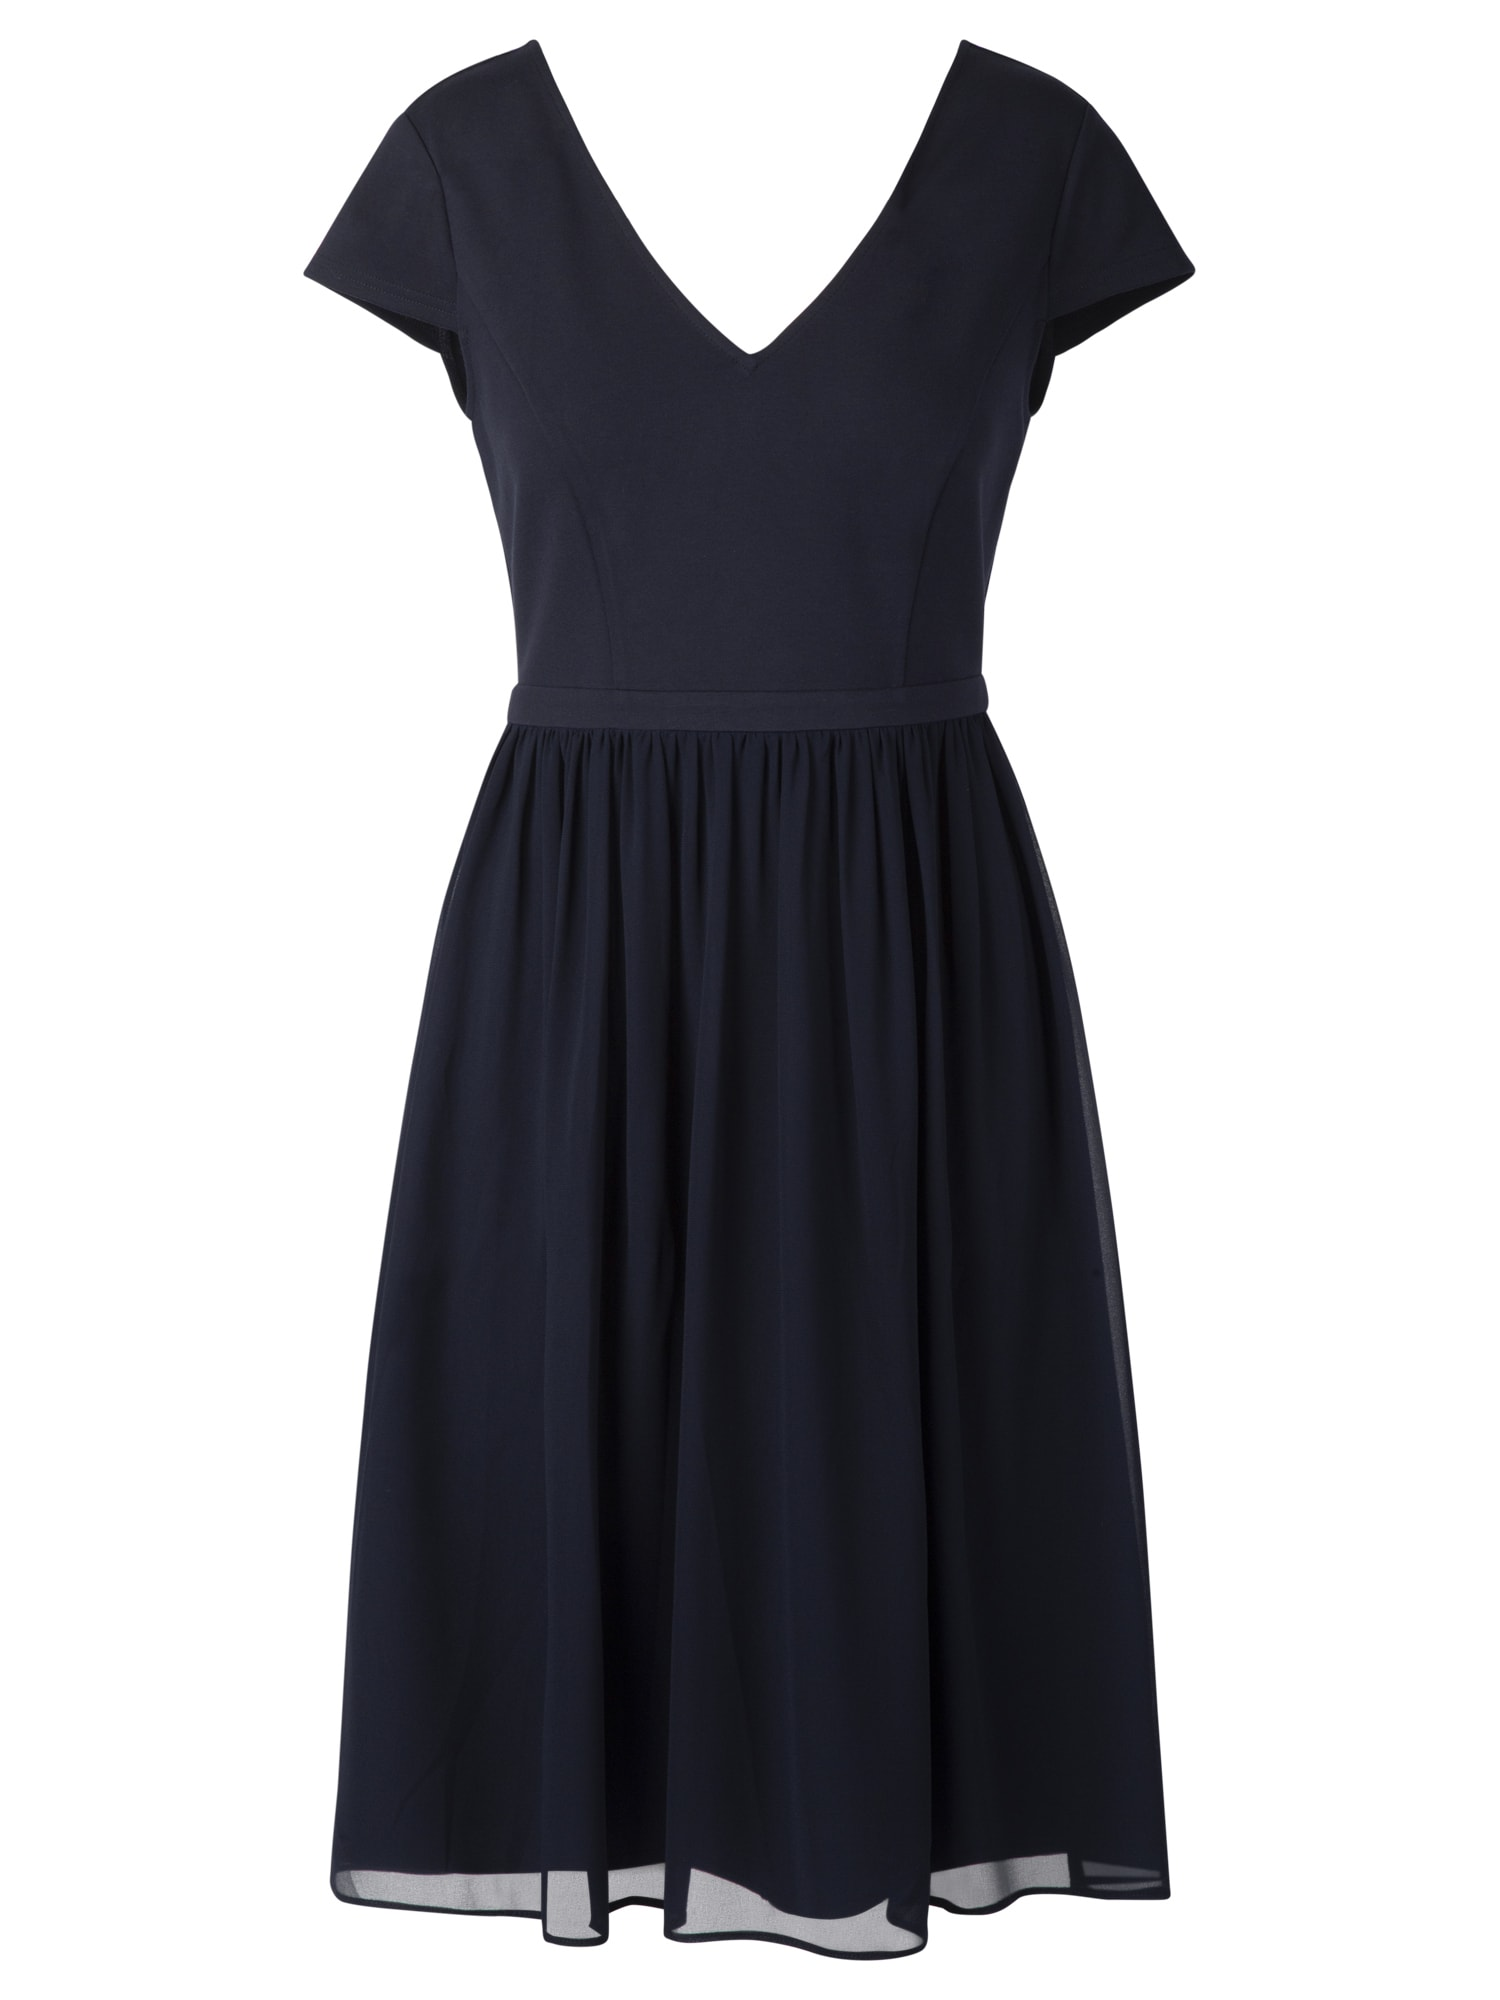 APART Kokteilinė suknelė nakties mėlyna